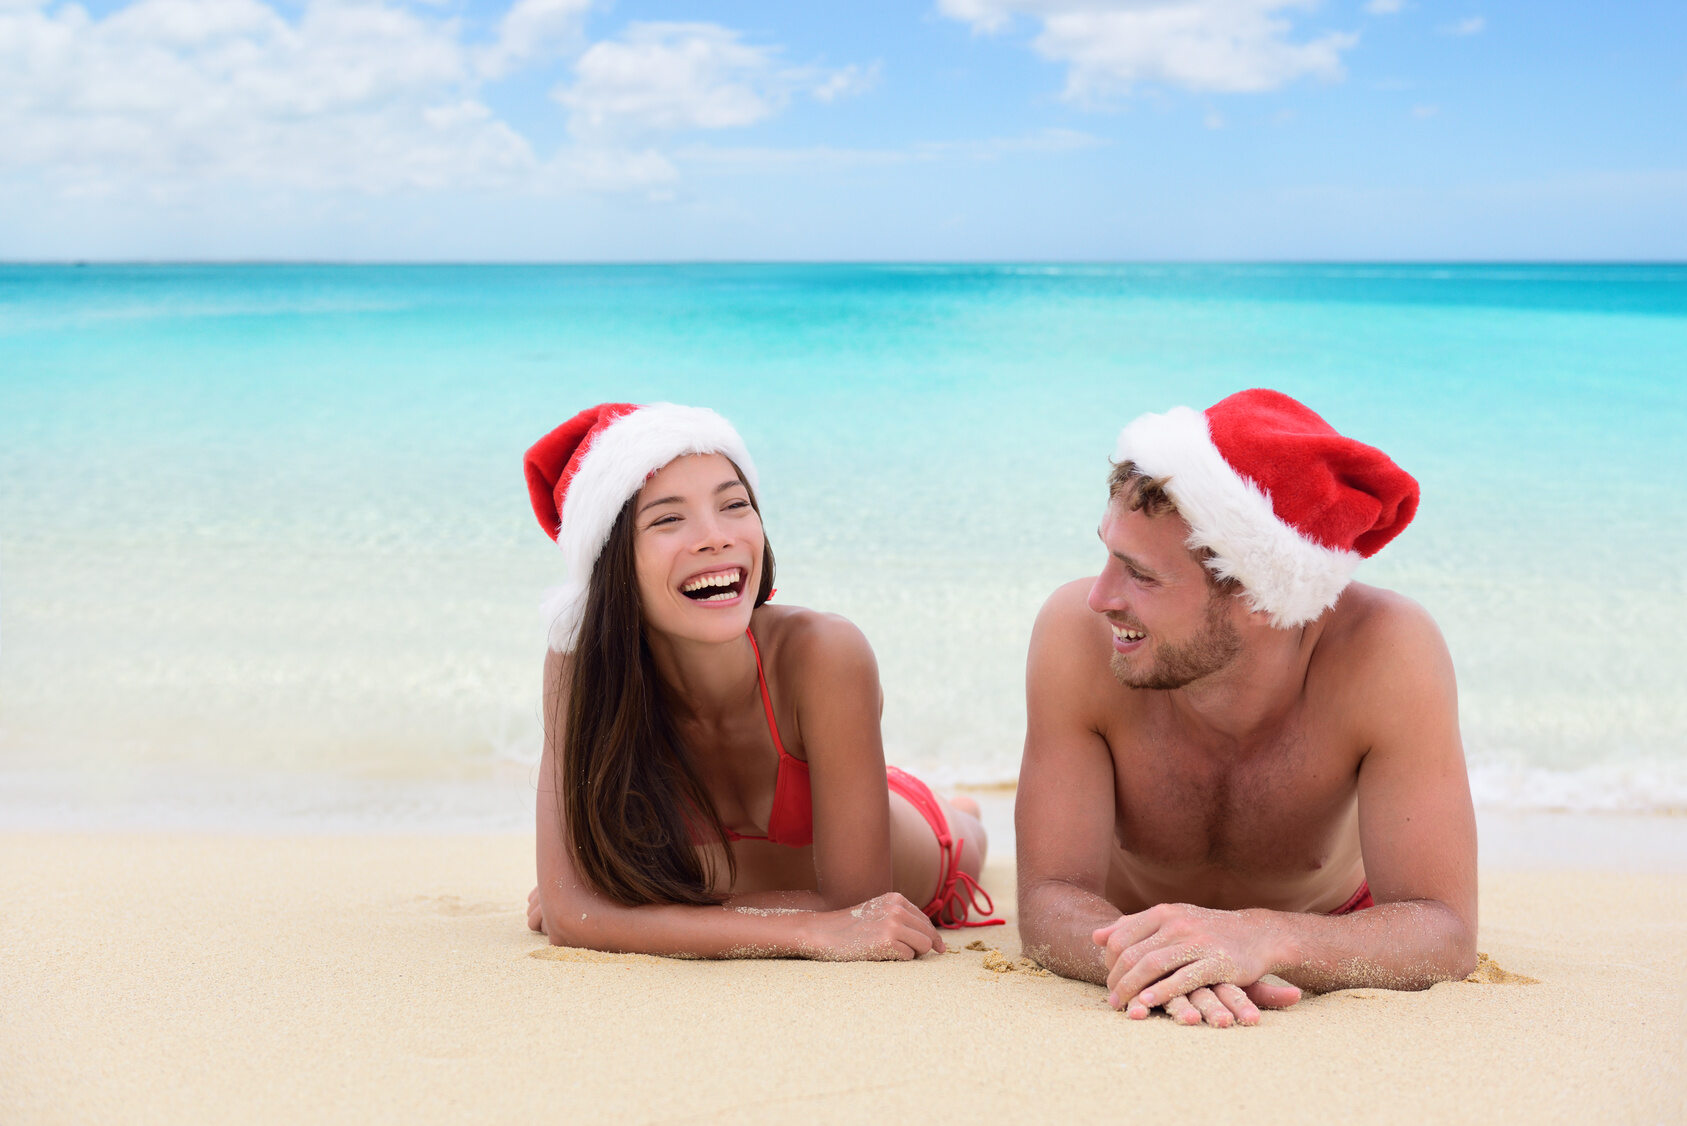 randki online dla ponad 40 Australii